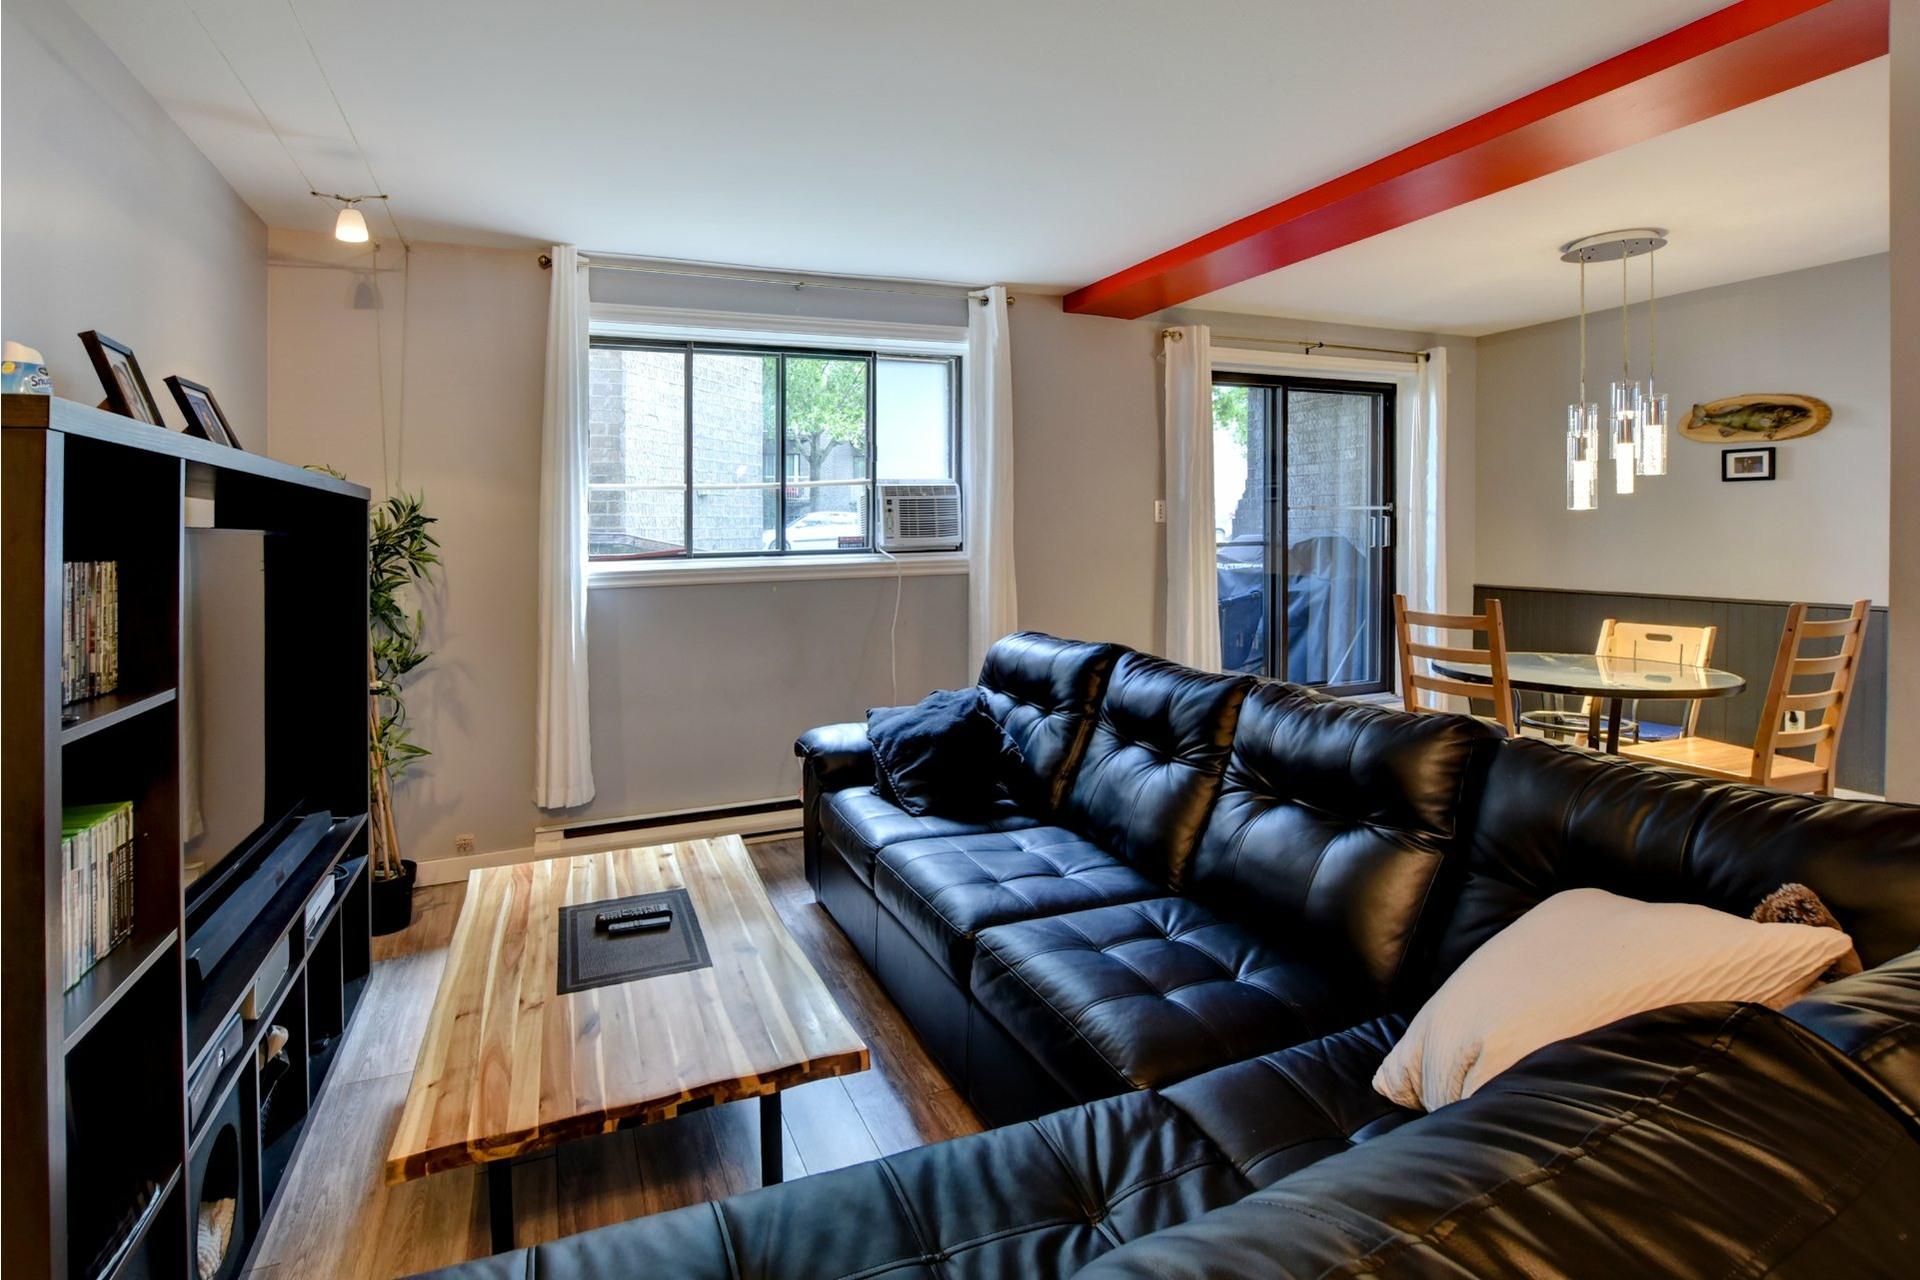 image 2 - Appartement À vendre Rivière-des-Prairies/Pointe-aux-Trembles Montréal  - 6 pièces